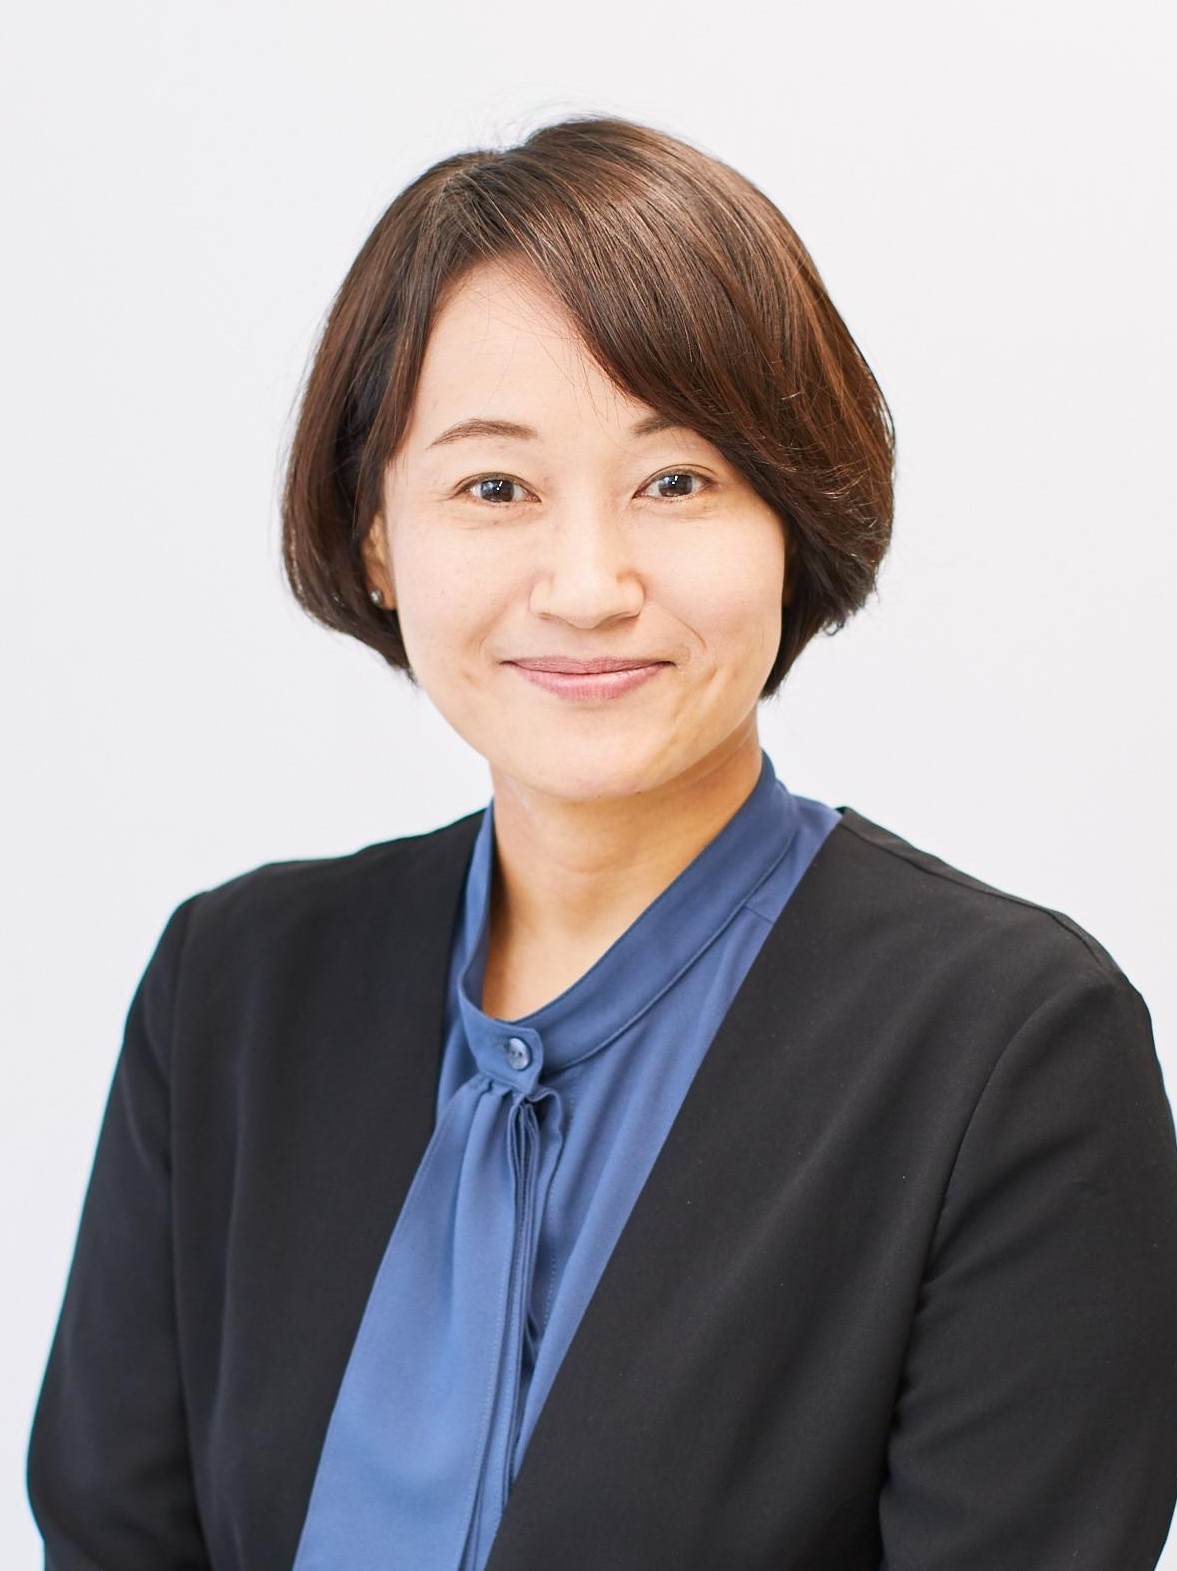 早津 花代弁護士